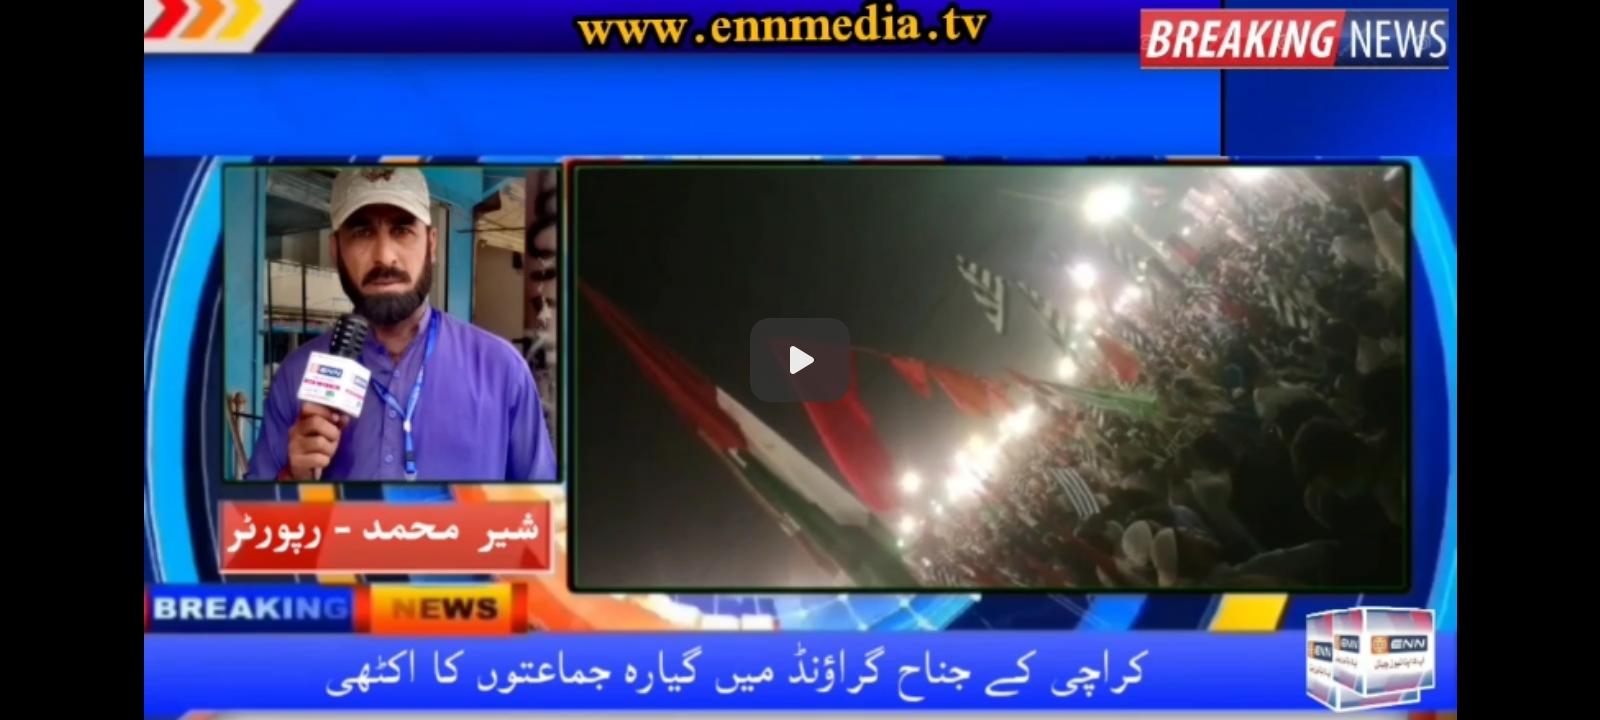 کراچی کے جناح گراؤنڈ میں گیارہ جماعتوں کا اکٹھی